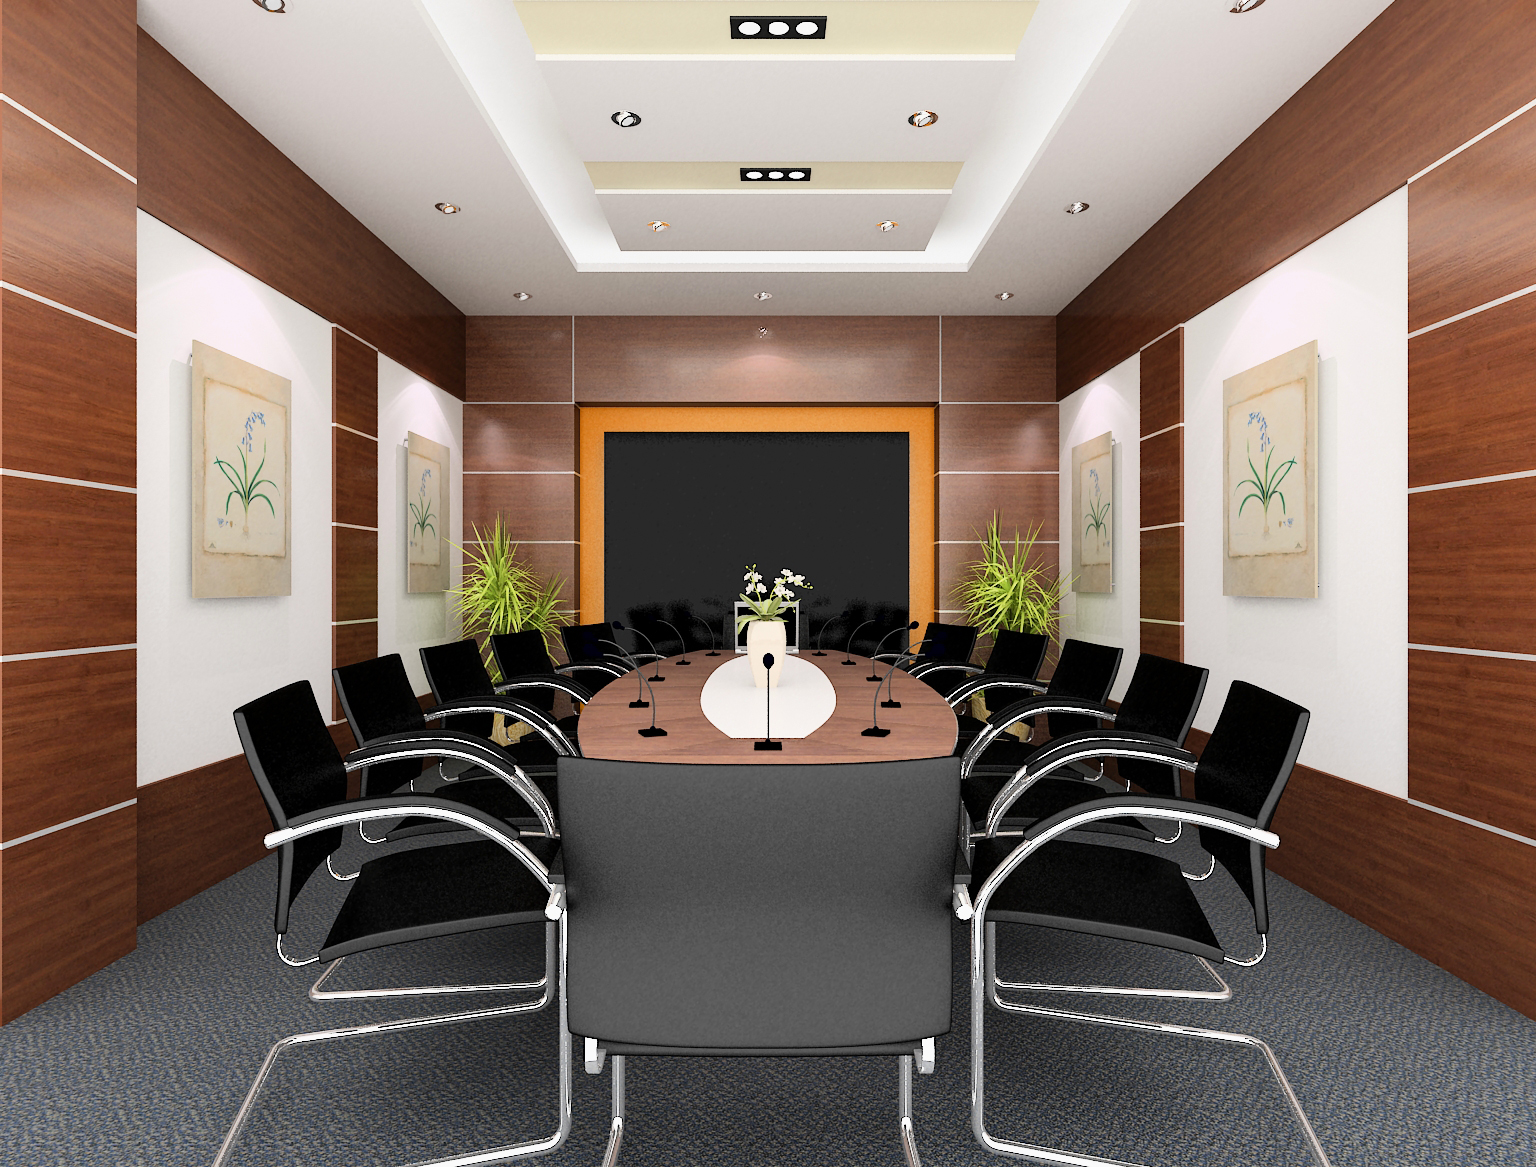 Văn phòng khang trang, hiện đại là thế mạnh để thúc đẩy tinh thần làm việc và ấn tượng của của đối tác, khách hàng